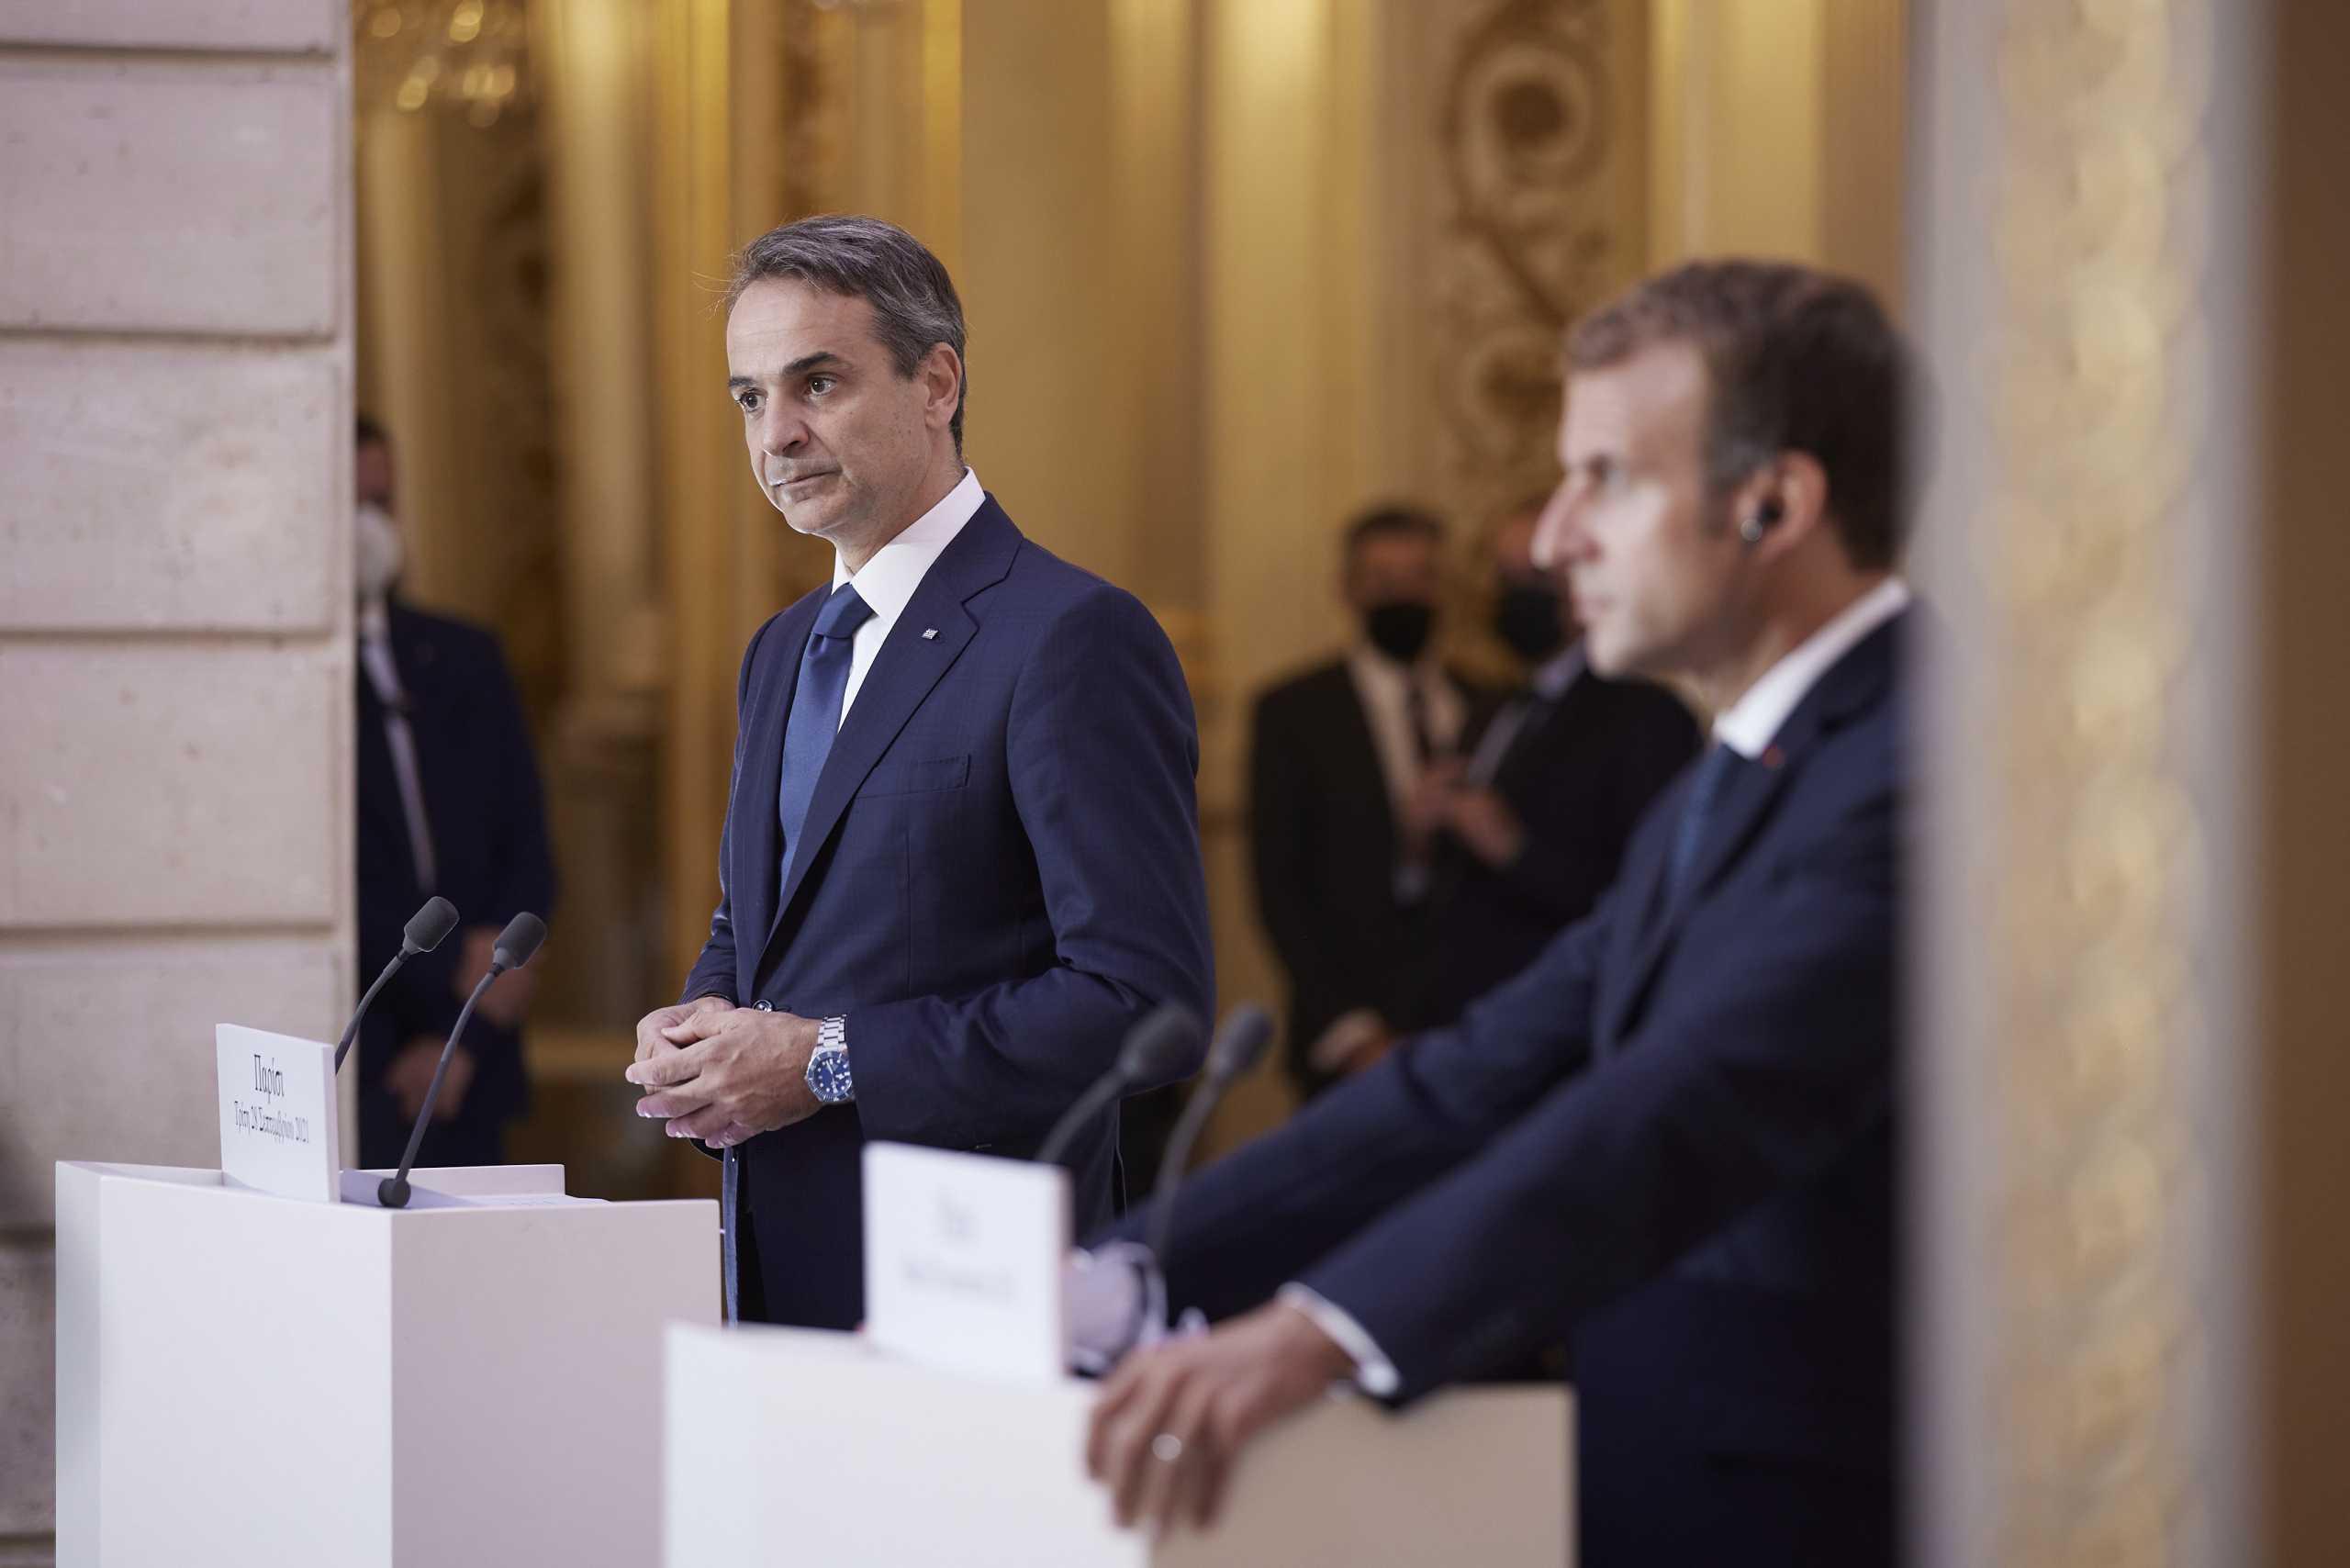 Γιάννης Οικονόμου σε Άγκυρα: Δεν θα αποφασίζουμε με βάση τις αντιδράσεις σας